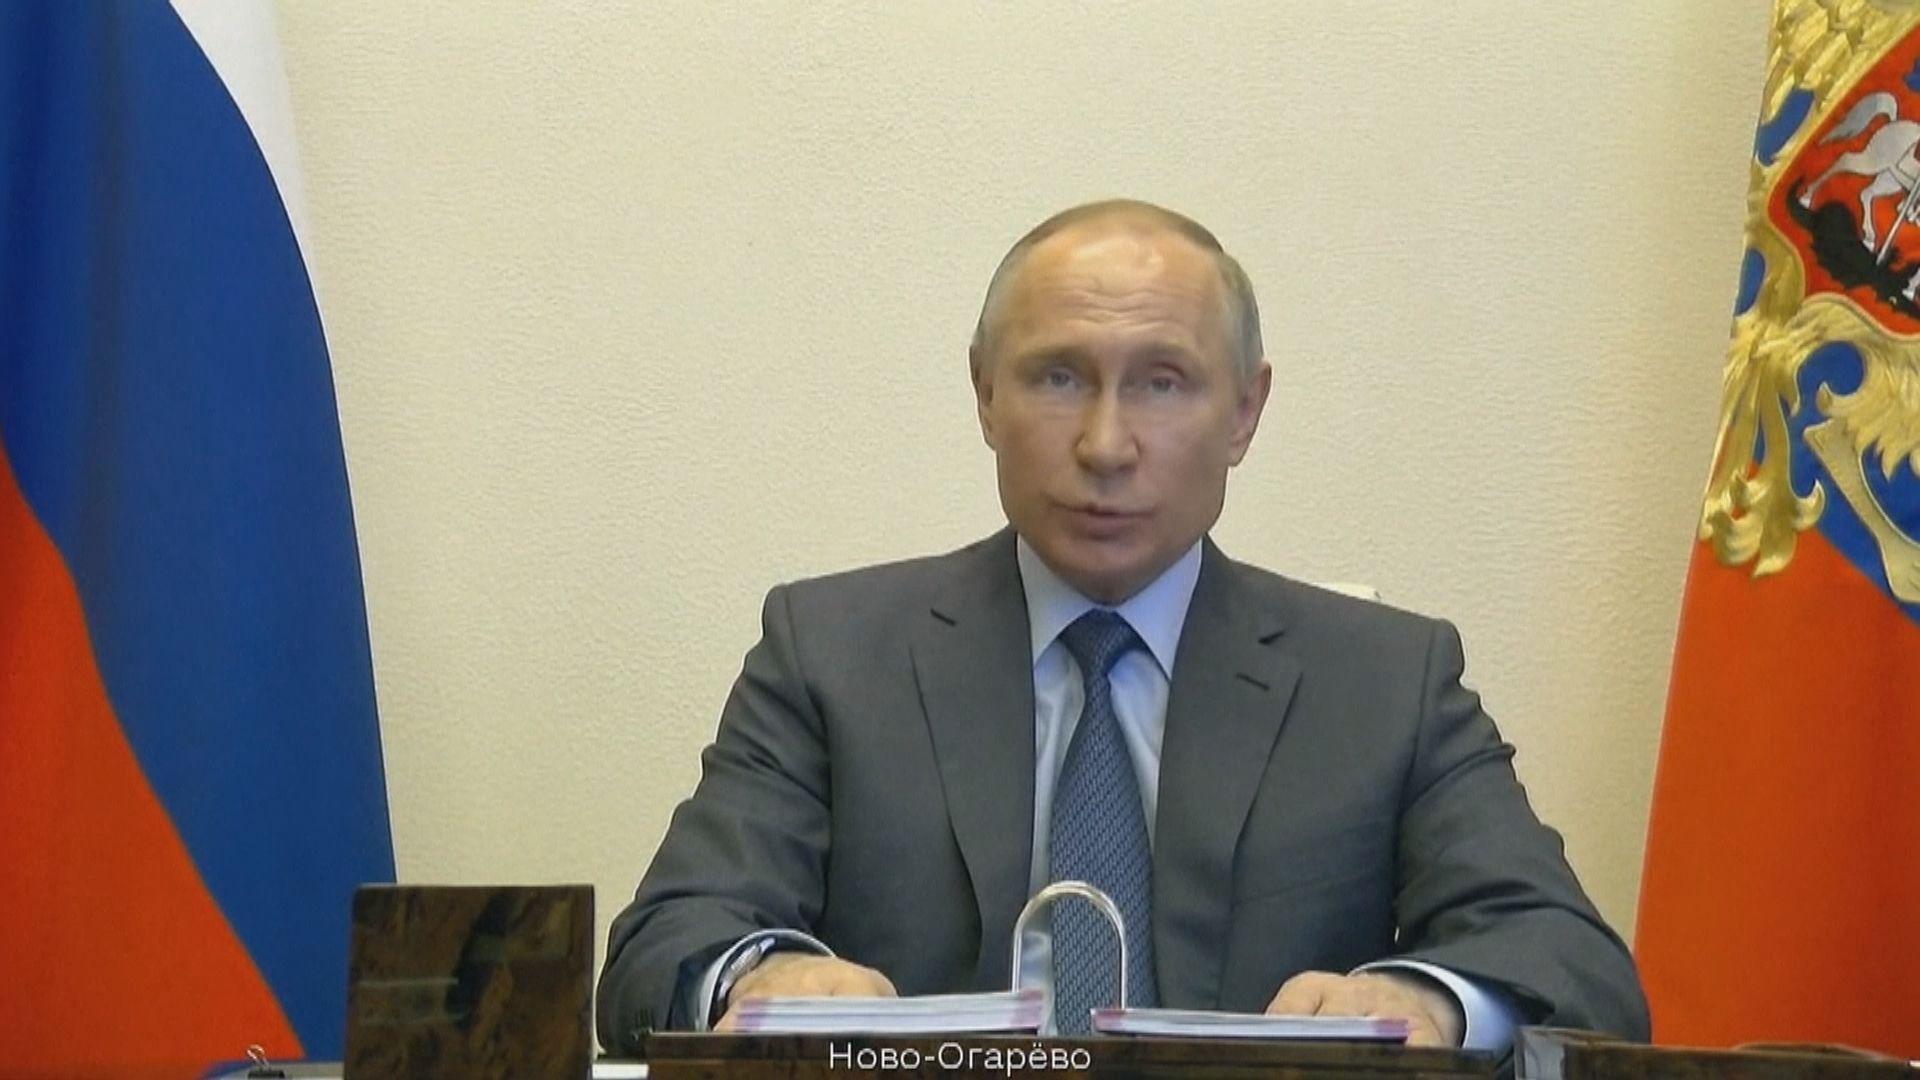 分析指若俄羅斯疫情失控將衝擊普京管治威信